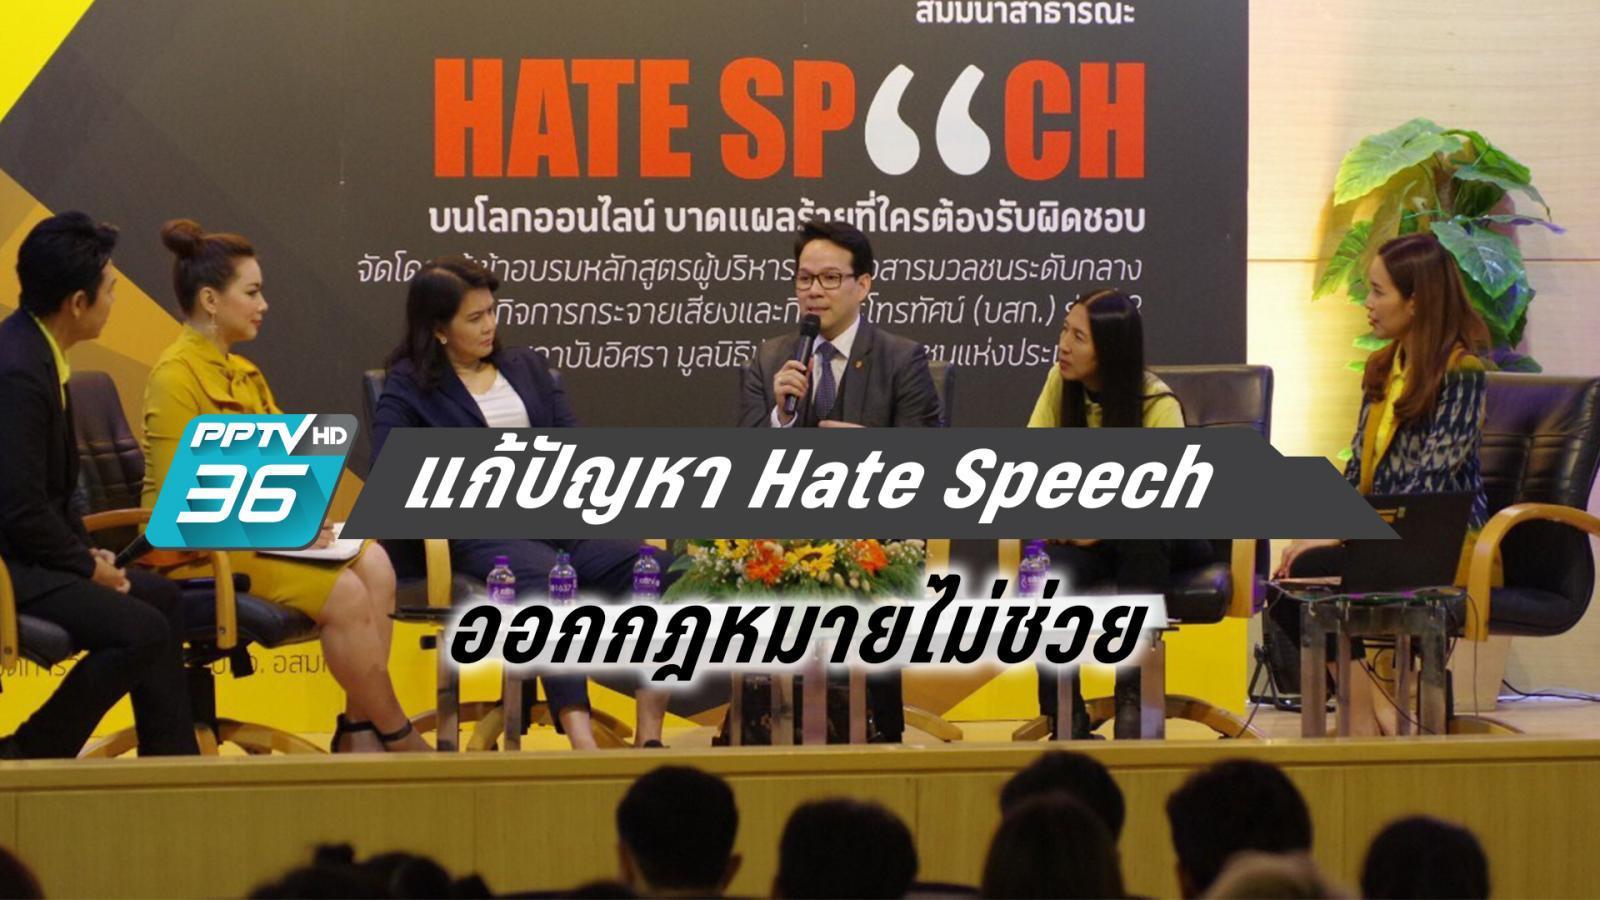 นักวิชาการชี้ ปลูกฝังให้เปิดใจ แก้ปัญหา Hate Speech ค้านออกกฎหมาย